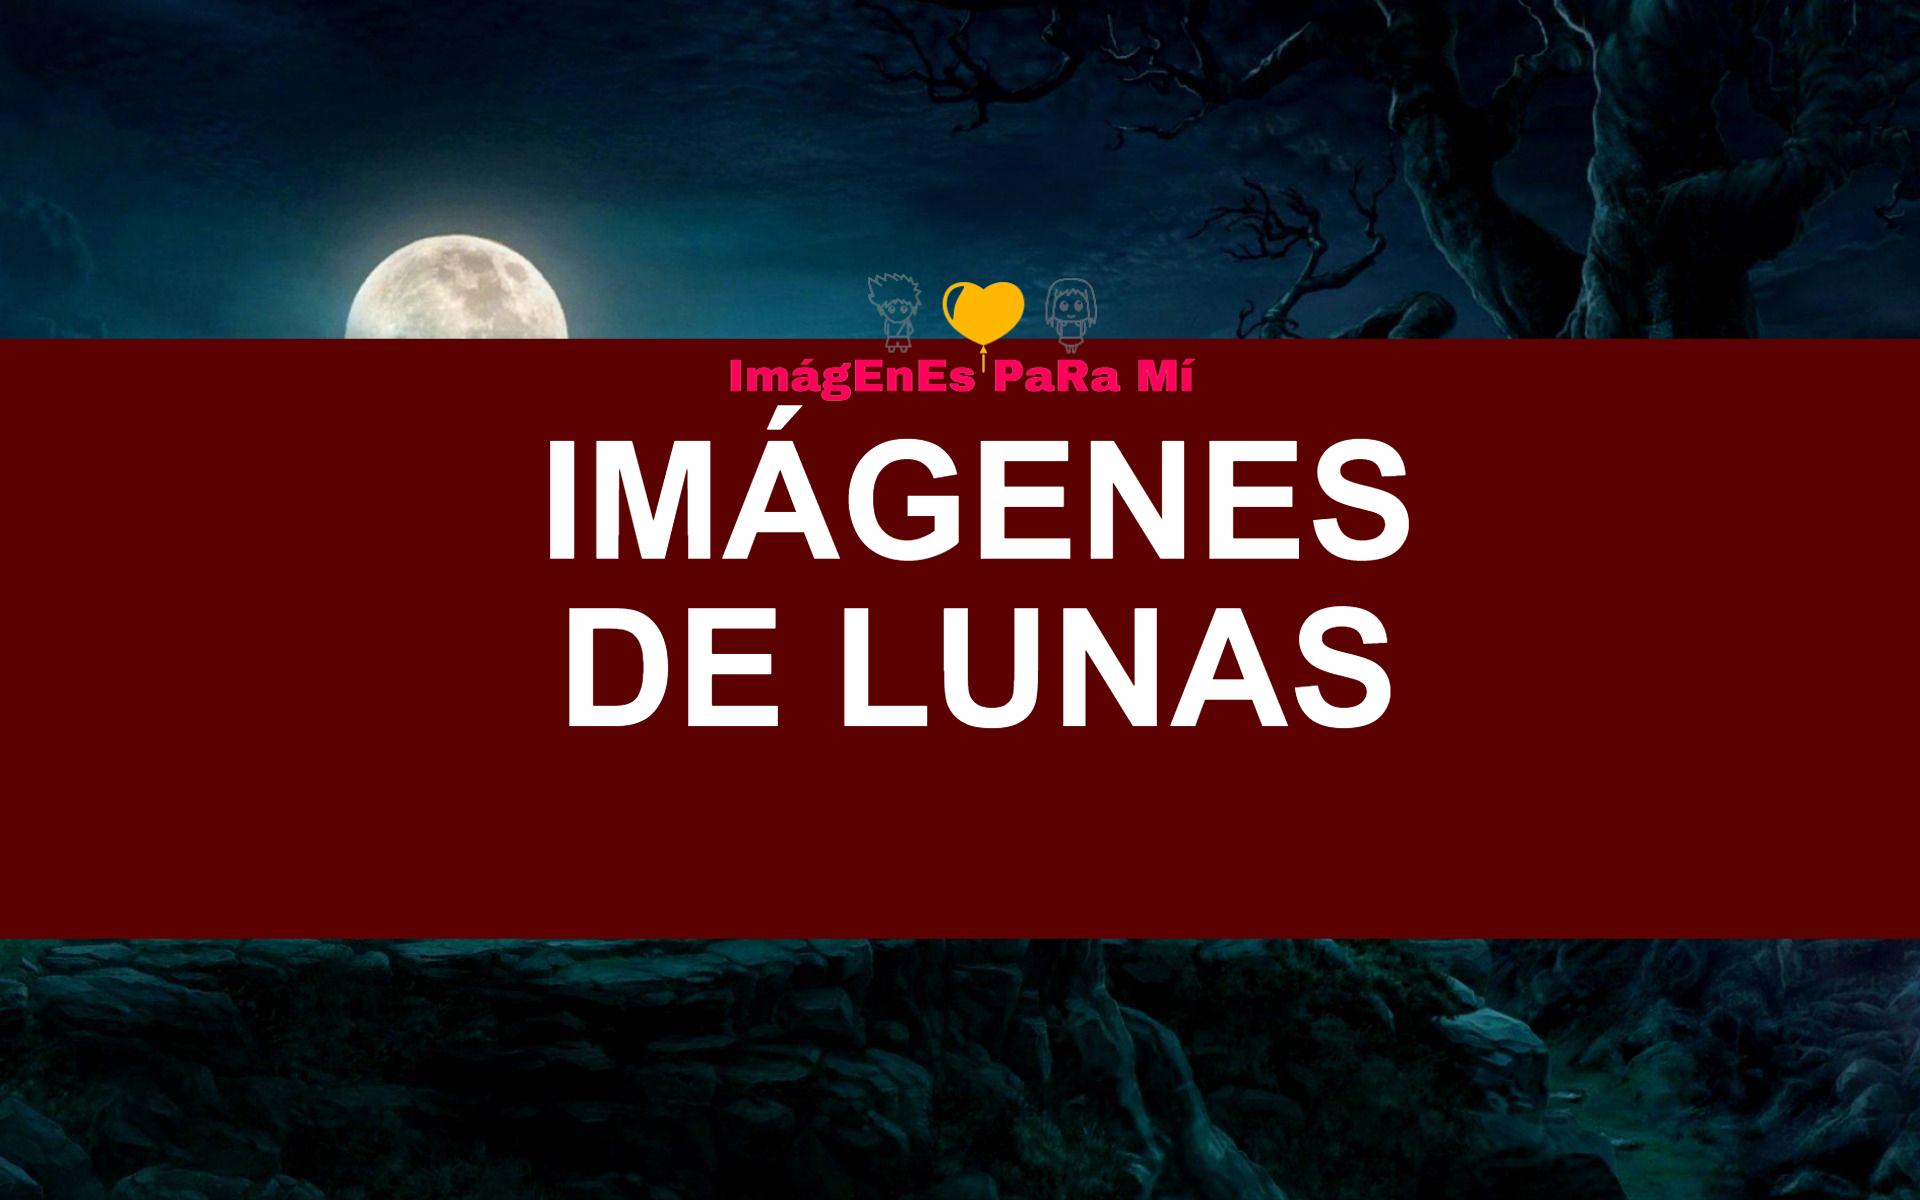 Imágenes de Lunas